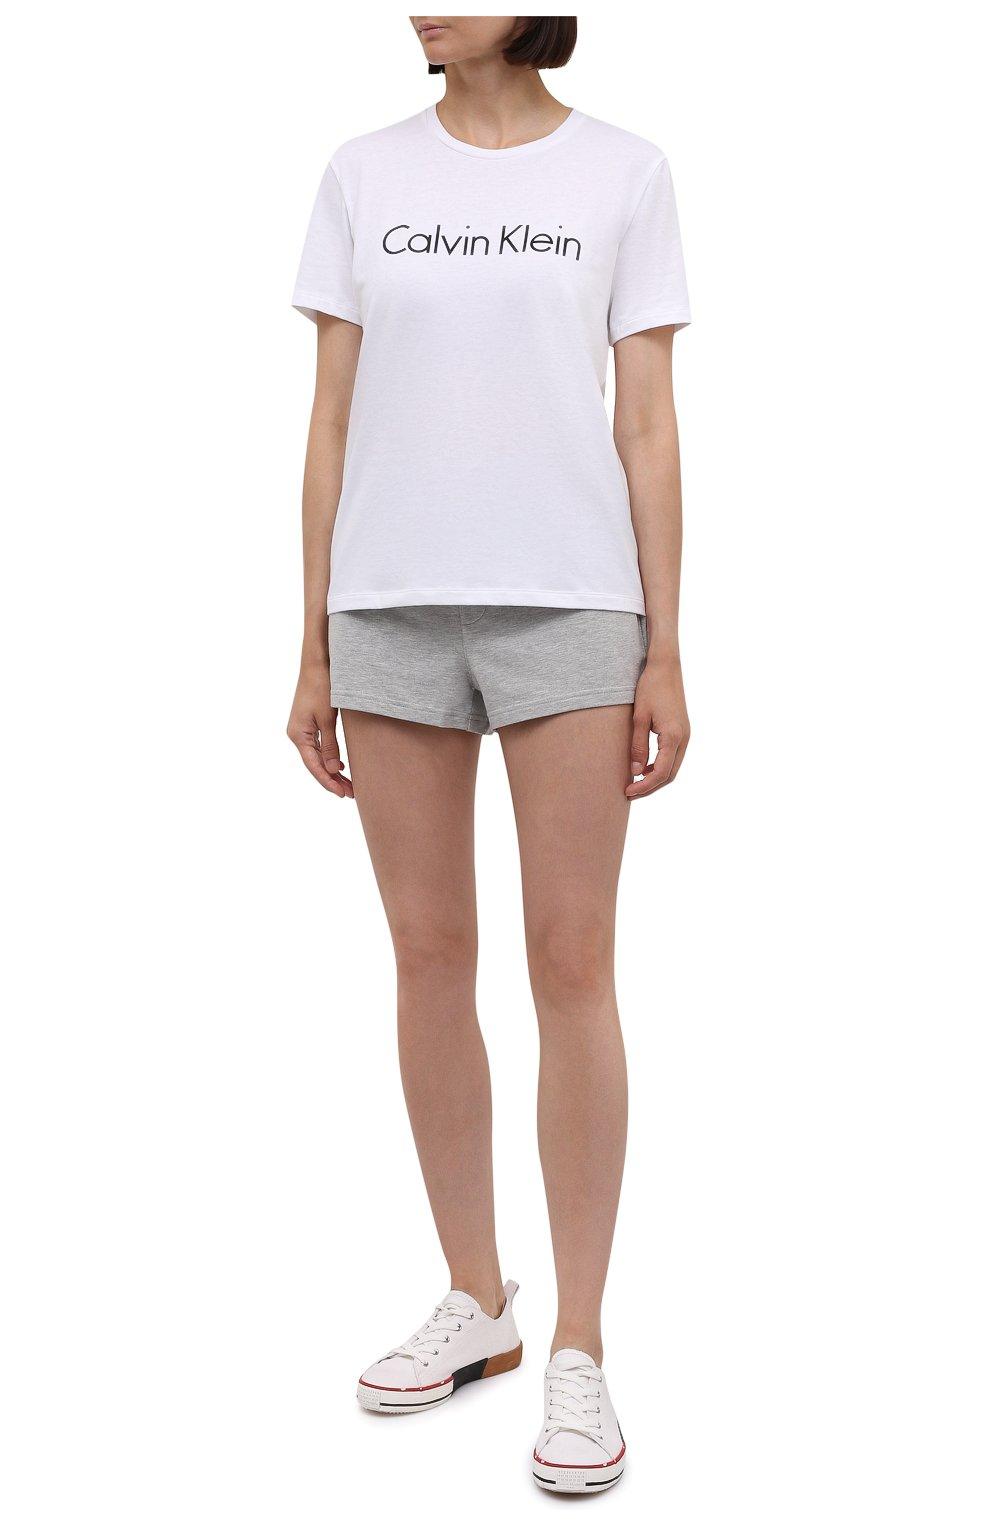 Женские шорты CALVIN KLEIN серого цвета, арт. QS6704E   Фото 2 (Длина Ж (юбки, платья, шорты): Мини; Материал внешний: Синтетический материал, Хлопок)